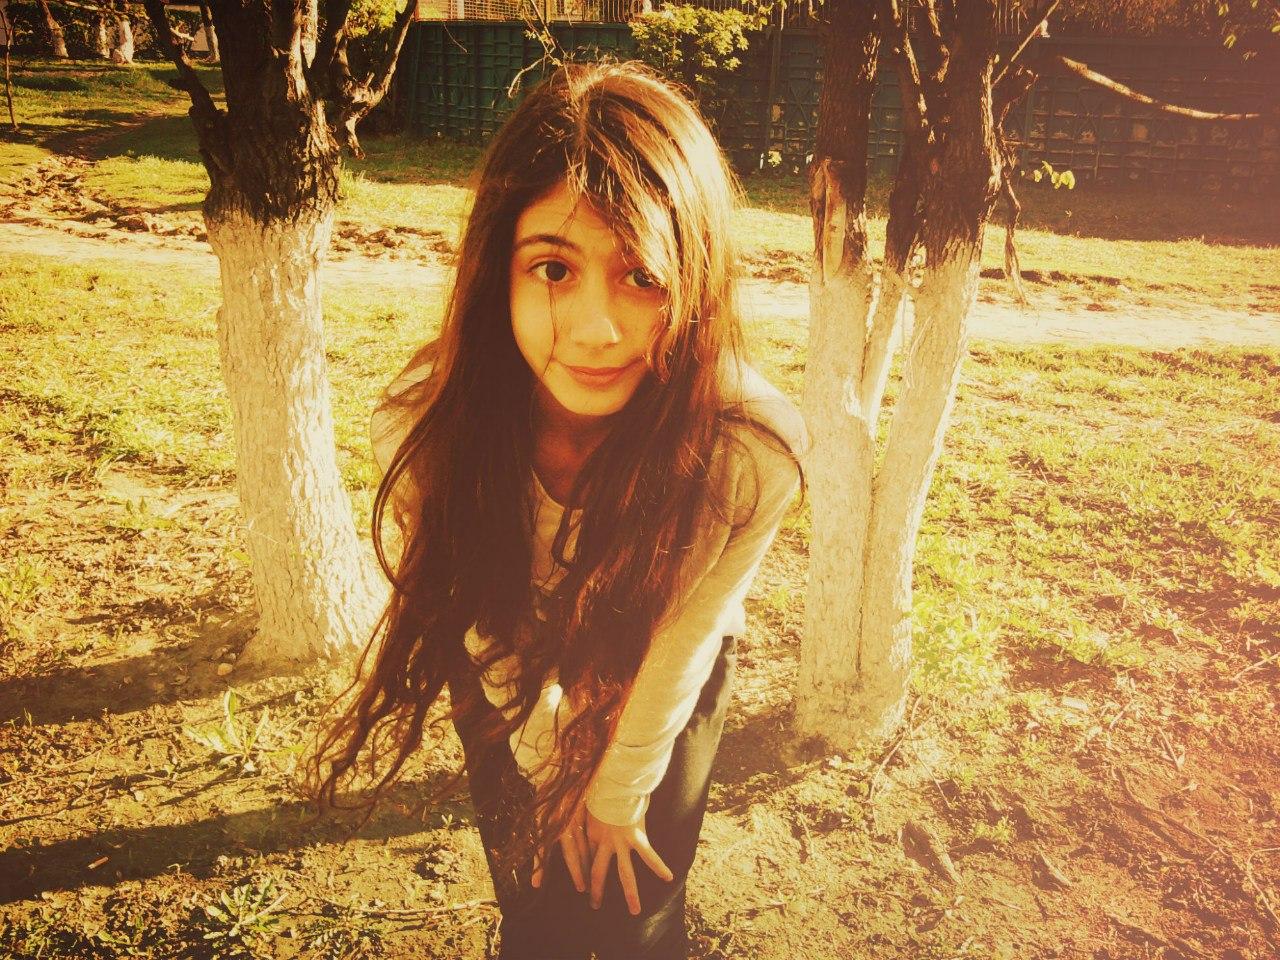 Друзья, смотрите мои фотки на Winxland -  я Флора из Винкс:)